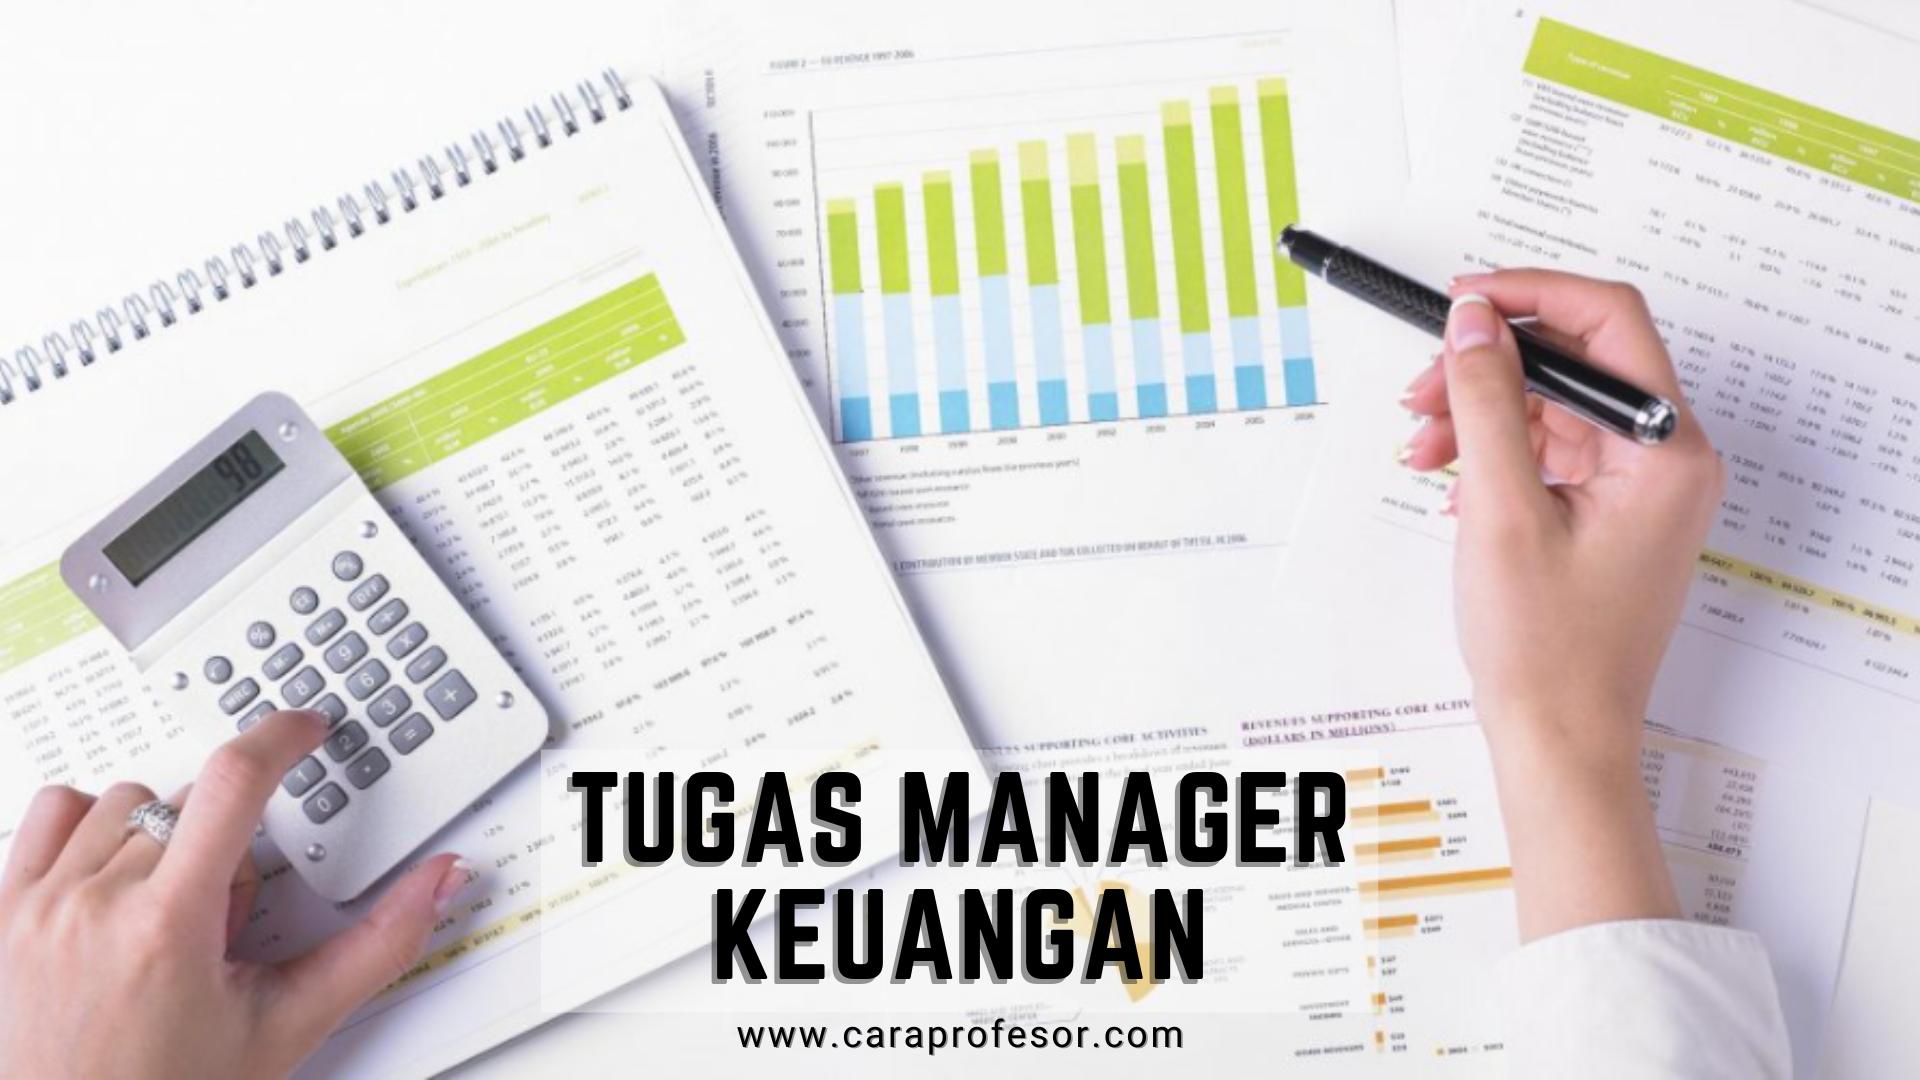 tugas manager keuangan